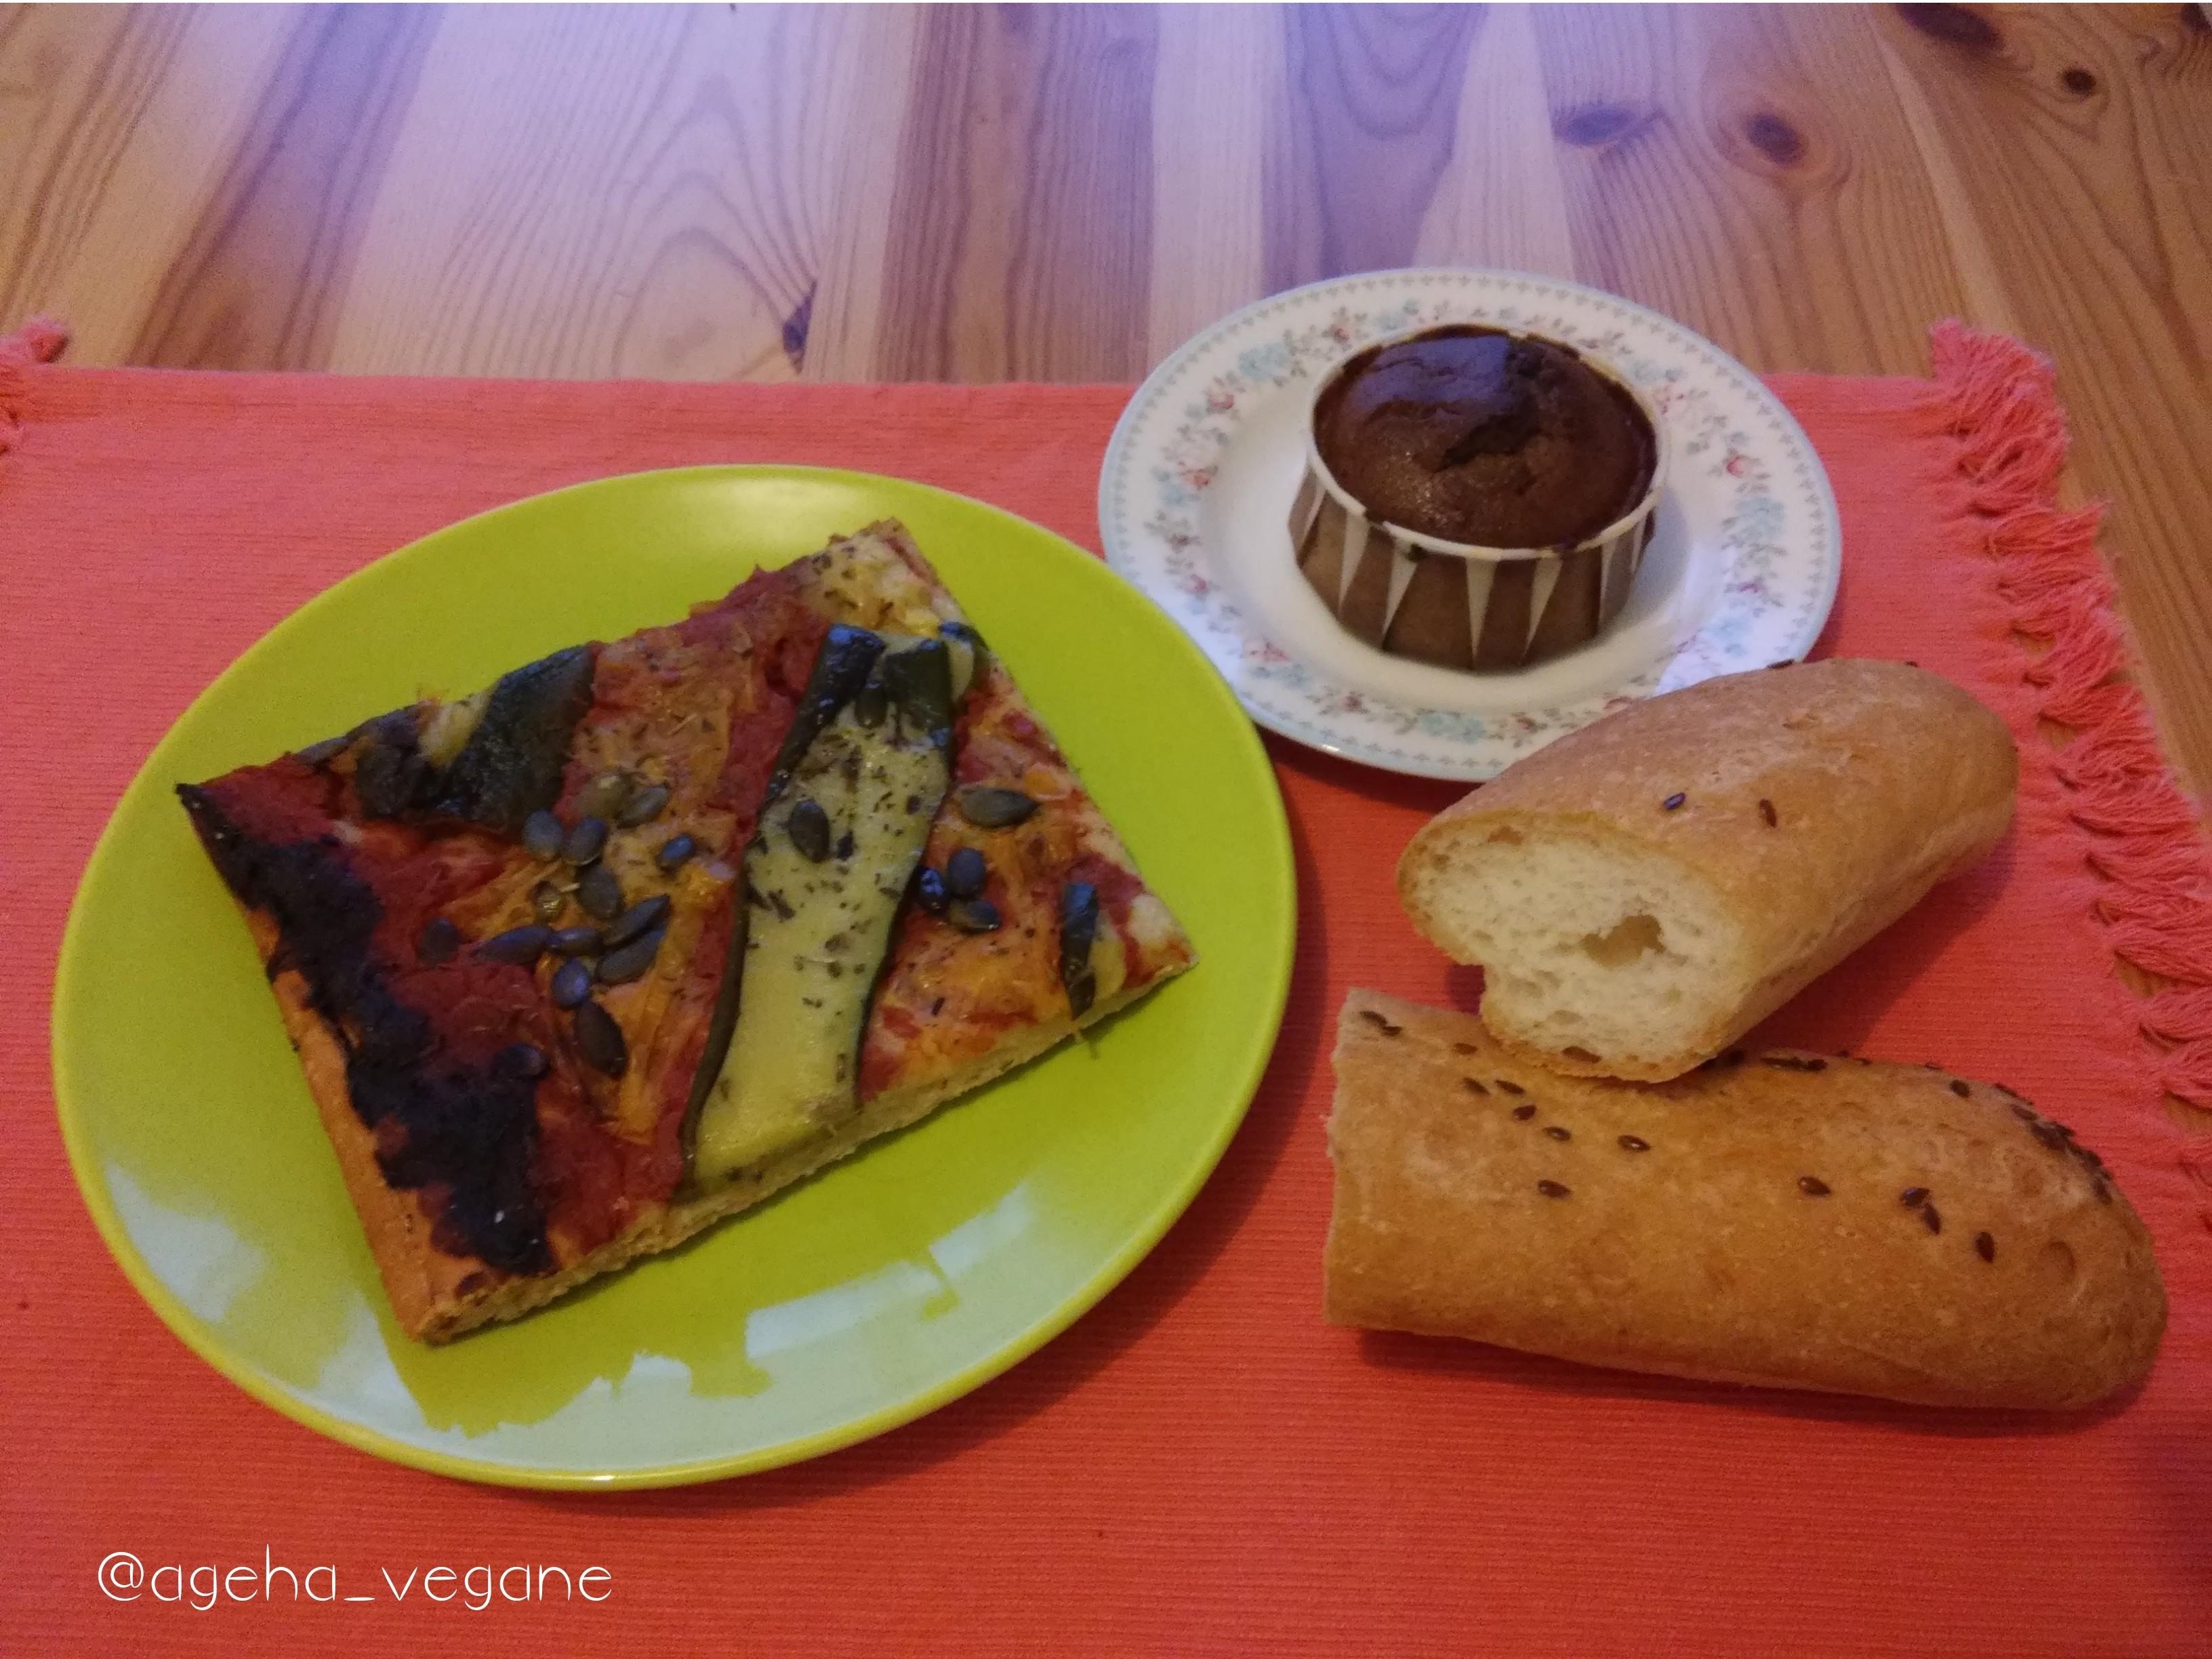 A emporter : pizza aux légumes, muffin choco-banane, pain au pavot